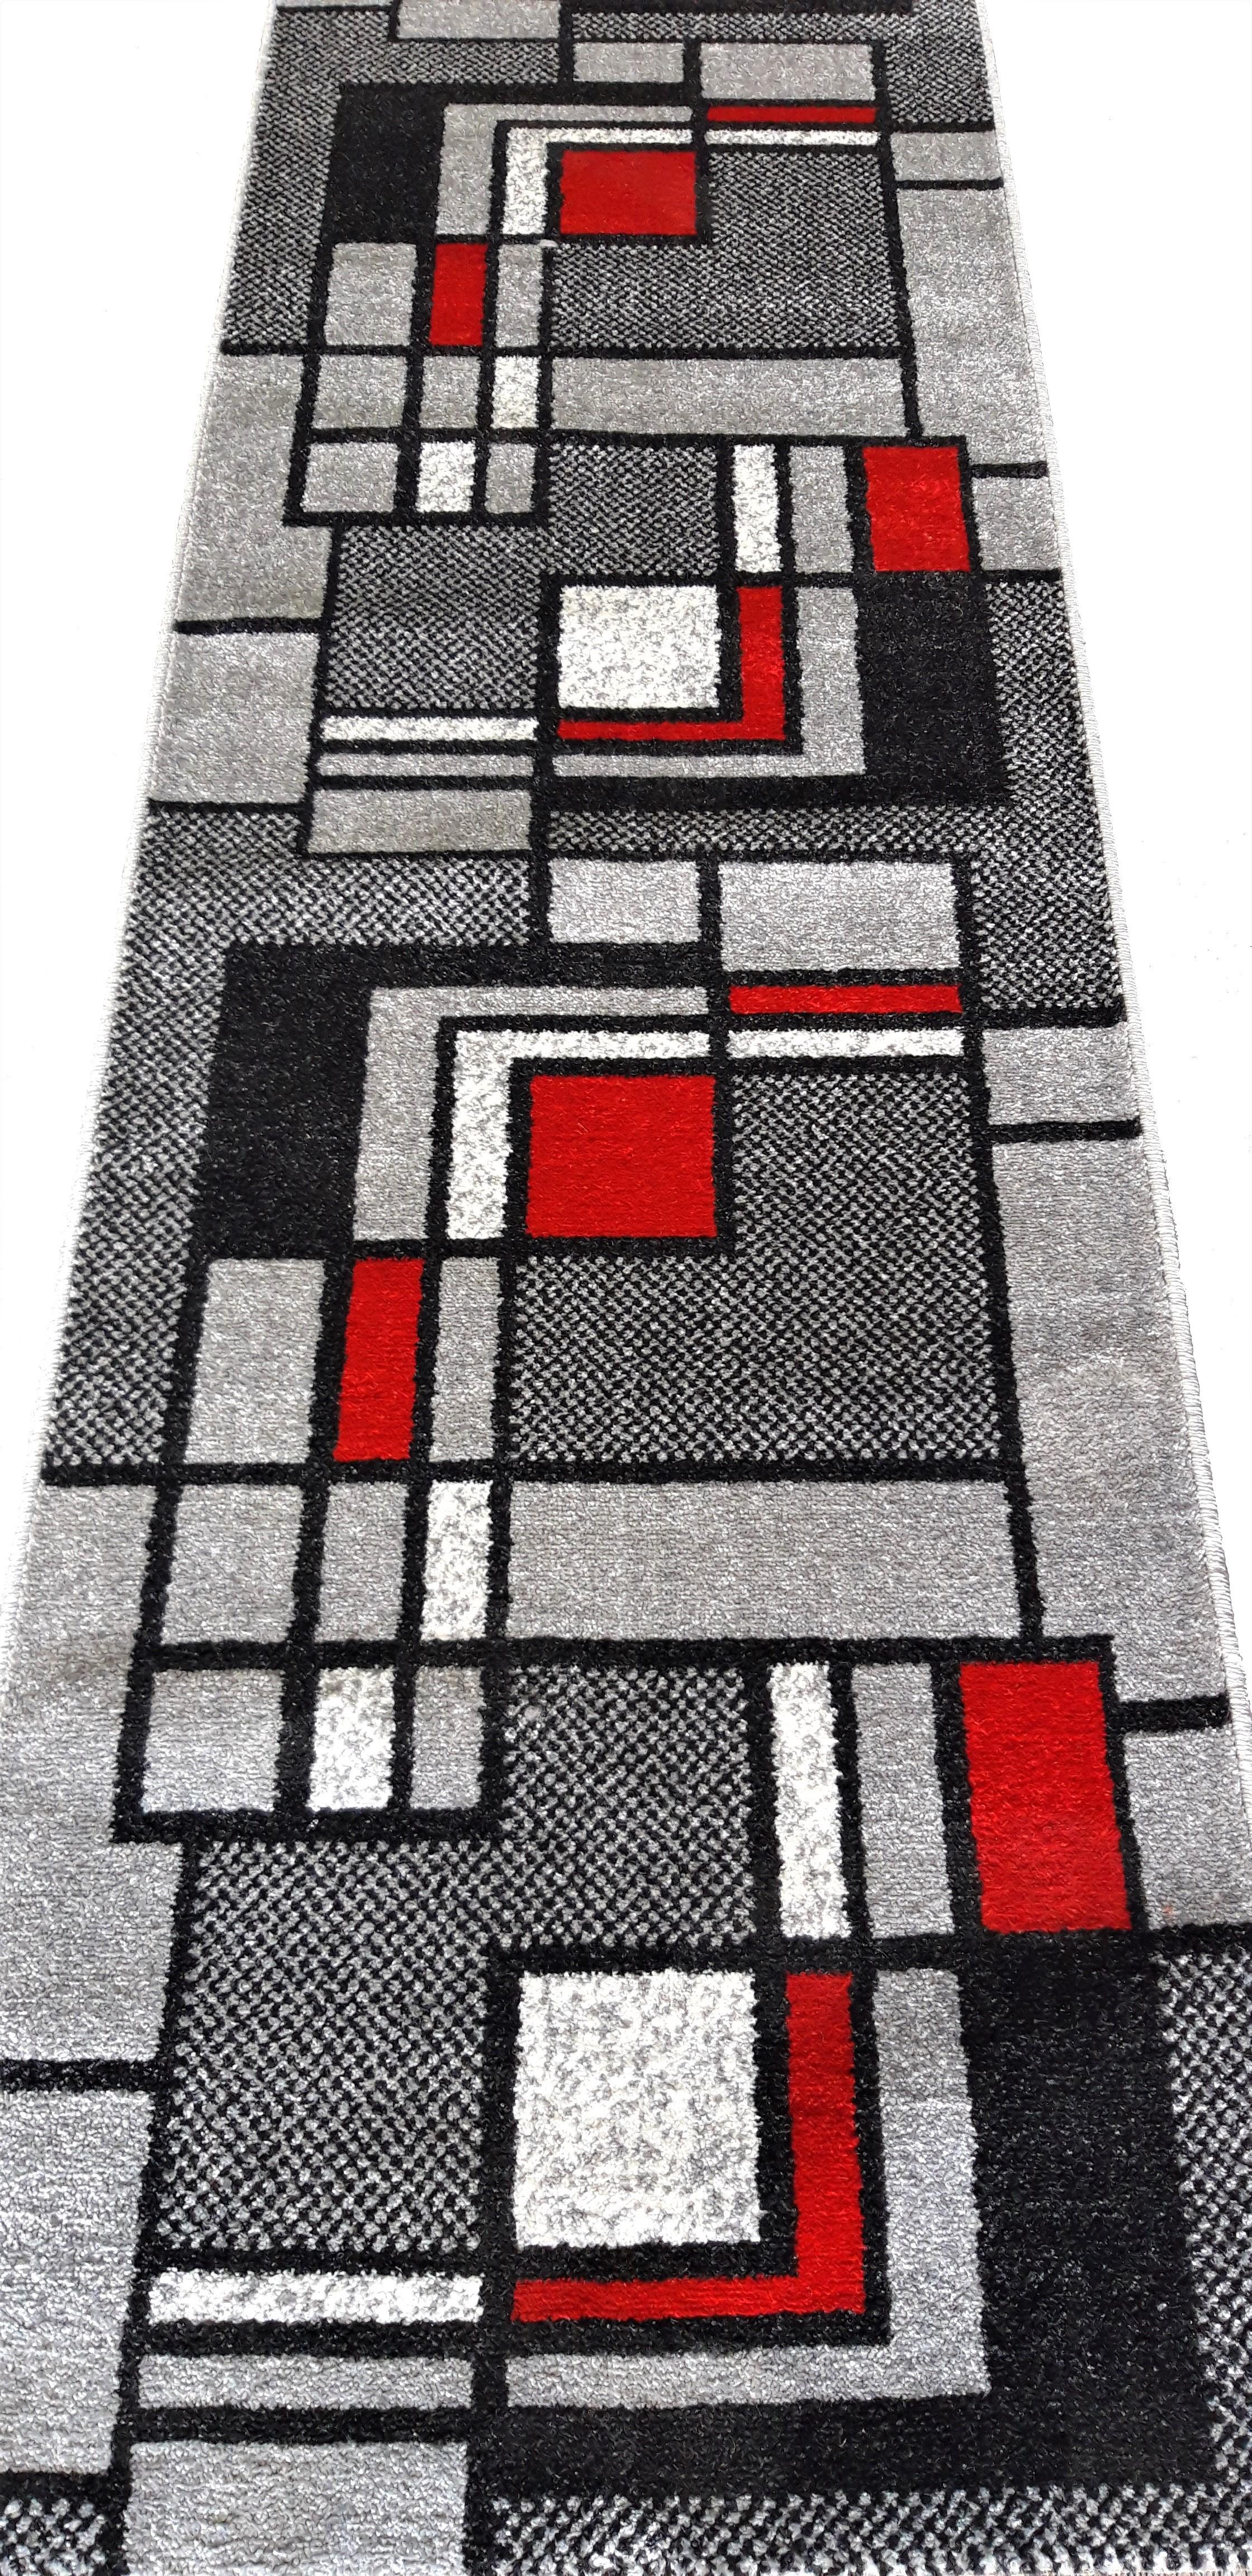 Traversa Covor, Cappuccino 16406, Multicolor, 80x400 cm, 1700 gr/mp [1]